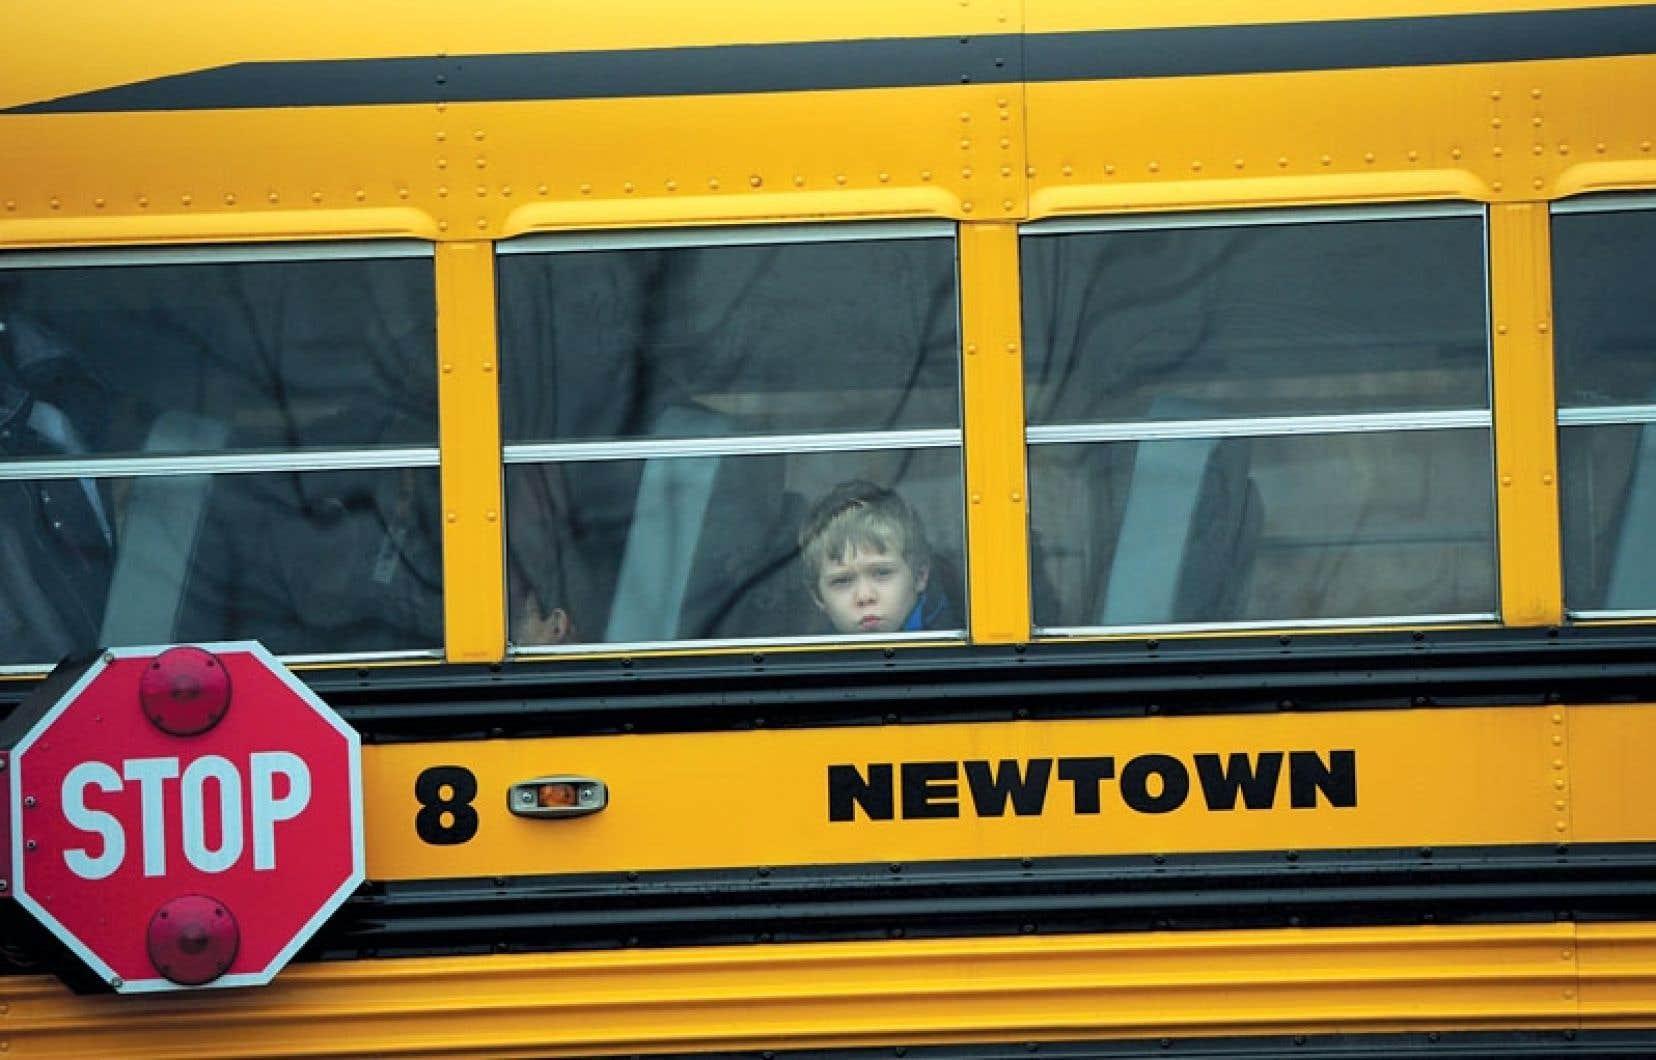 Les écoles ont ouvert mardi à Newtown, pour la première fois depuis le drame qui a coûté la vie à 20 écoliers vendredi dernier. L'école Sandy Hook, théâtre de la tuerie, ne devrait toutefois pas rouvrir ses portes.